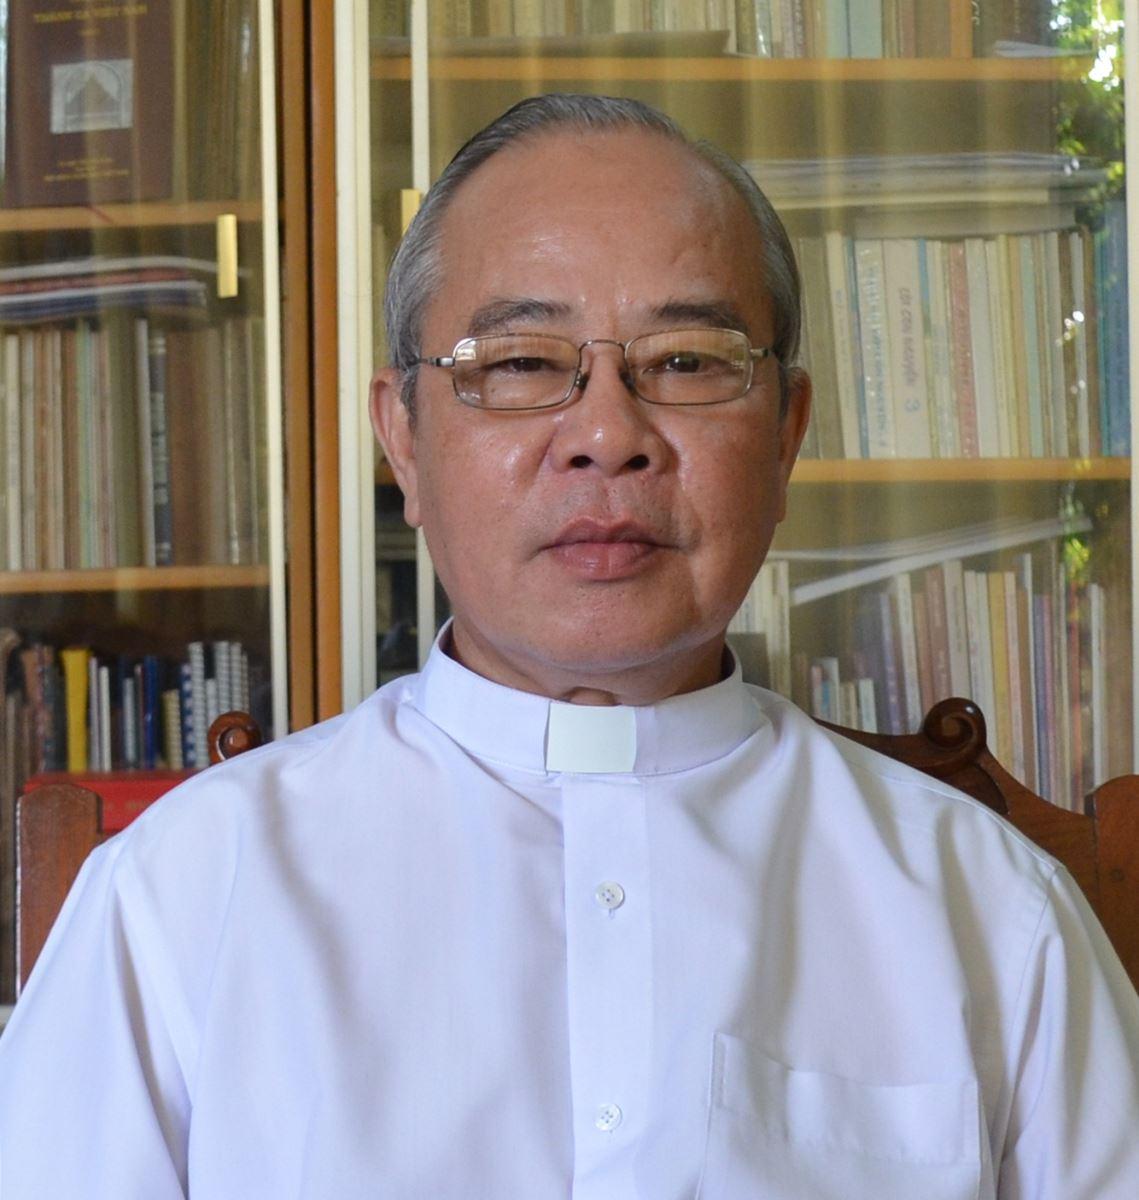 Phục vụ bao nhiêu là đủ ? Lm Roco Nguyễn Duy / Thánh nhạc TGP.